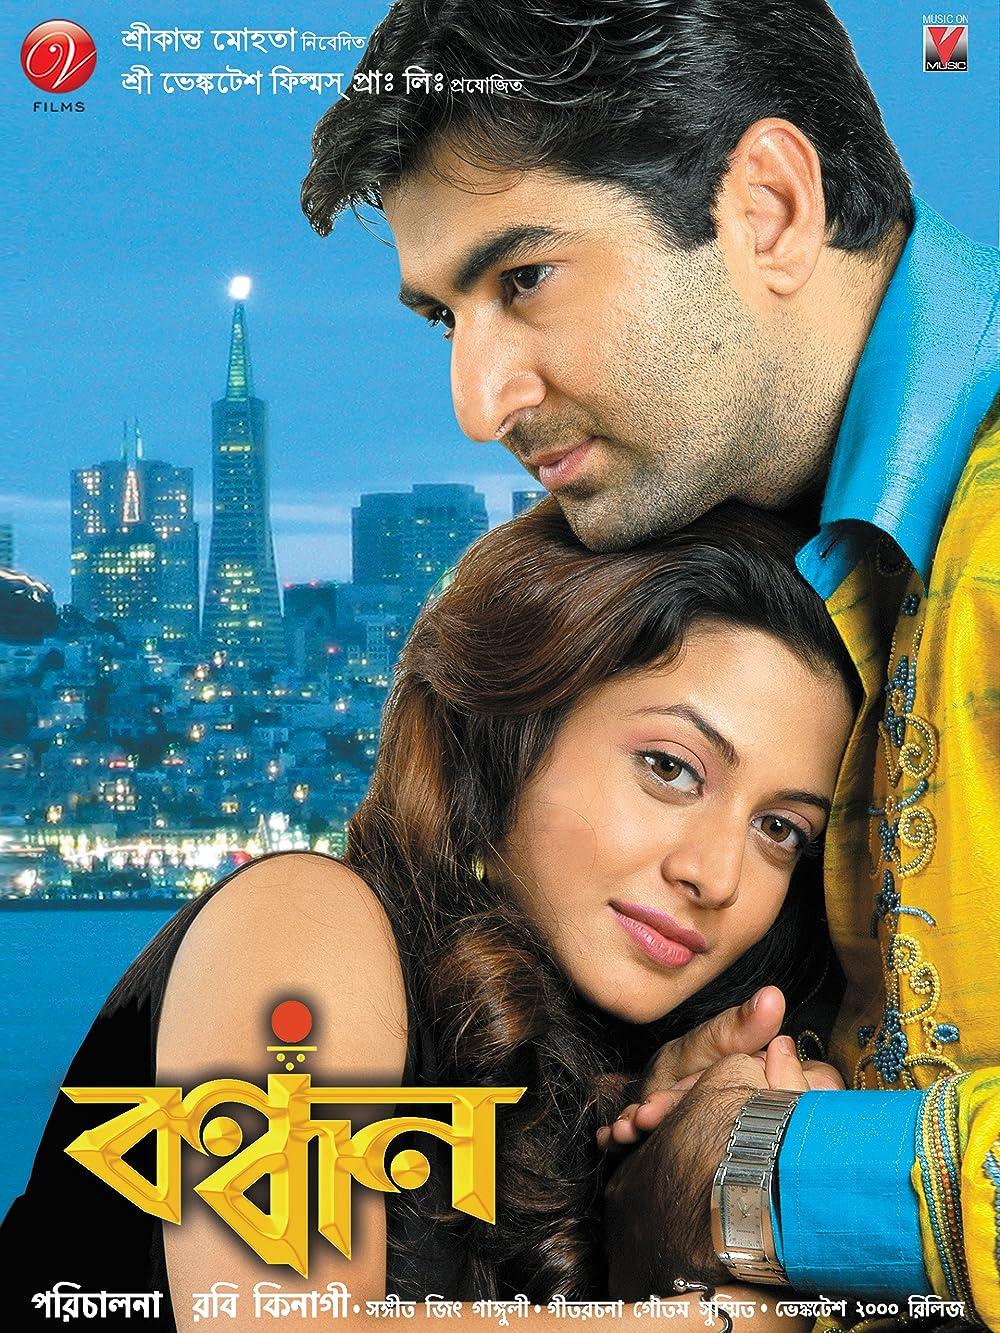 Bandhan (2004) Bengali 720p HEVC HDRip x265 AAC ESubs Full Bengali Movie 700MB Download